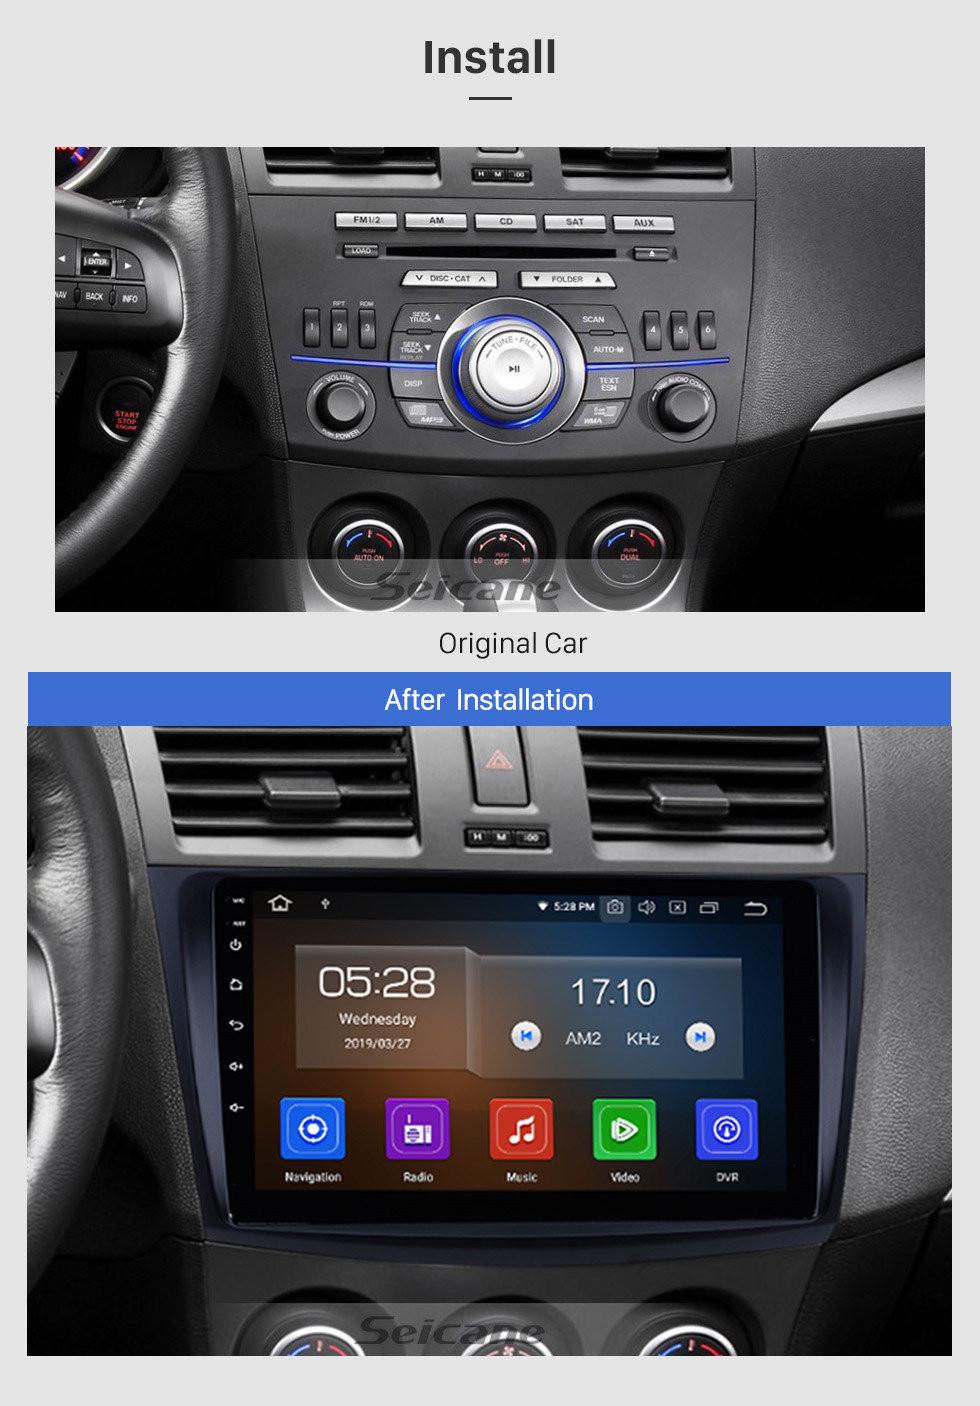 Seicane 9 polegadas Android 10.0 GPS de navegação por rádio para 2009-2012 Mazda 3 Axela HD Touchscreen 1080 P Controle de Volante 3G WIFI OBD2 Espelho link Bluetooth Câmera Retrovisor